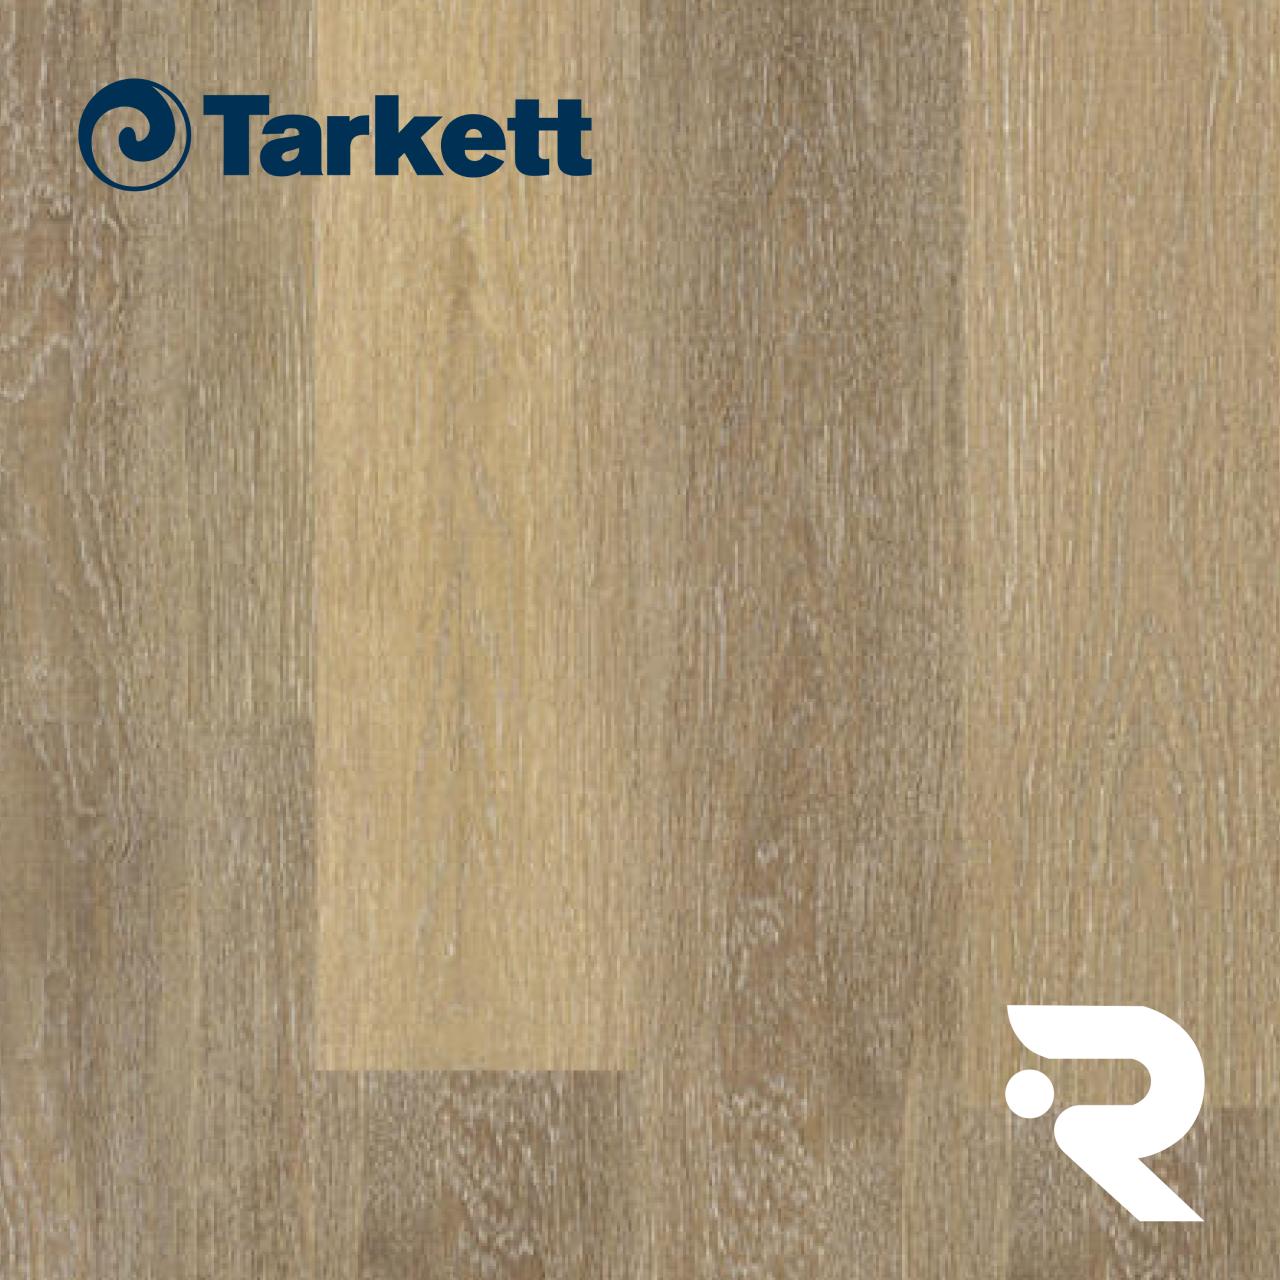 🌳 ПВХ плитка Tarkett NEW AGE - MISTERO | Art Vinyl | 914 x 152 мм